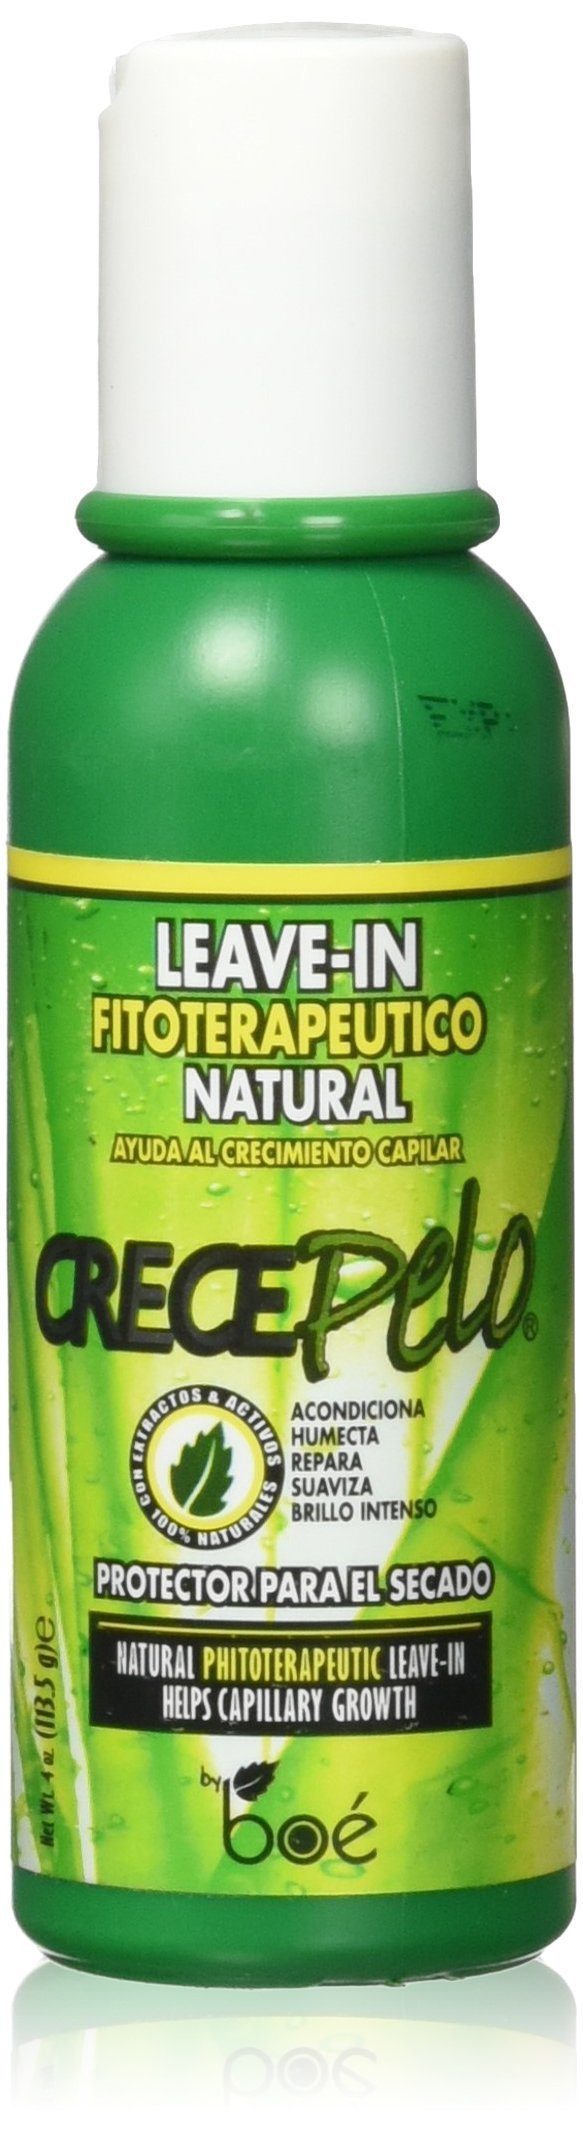 Boe Crecepelo Phitoterapeutic Leave‑In, 4 Ounce